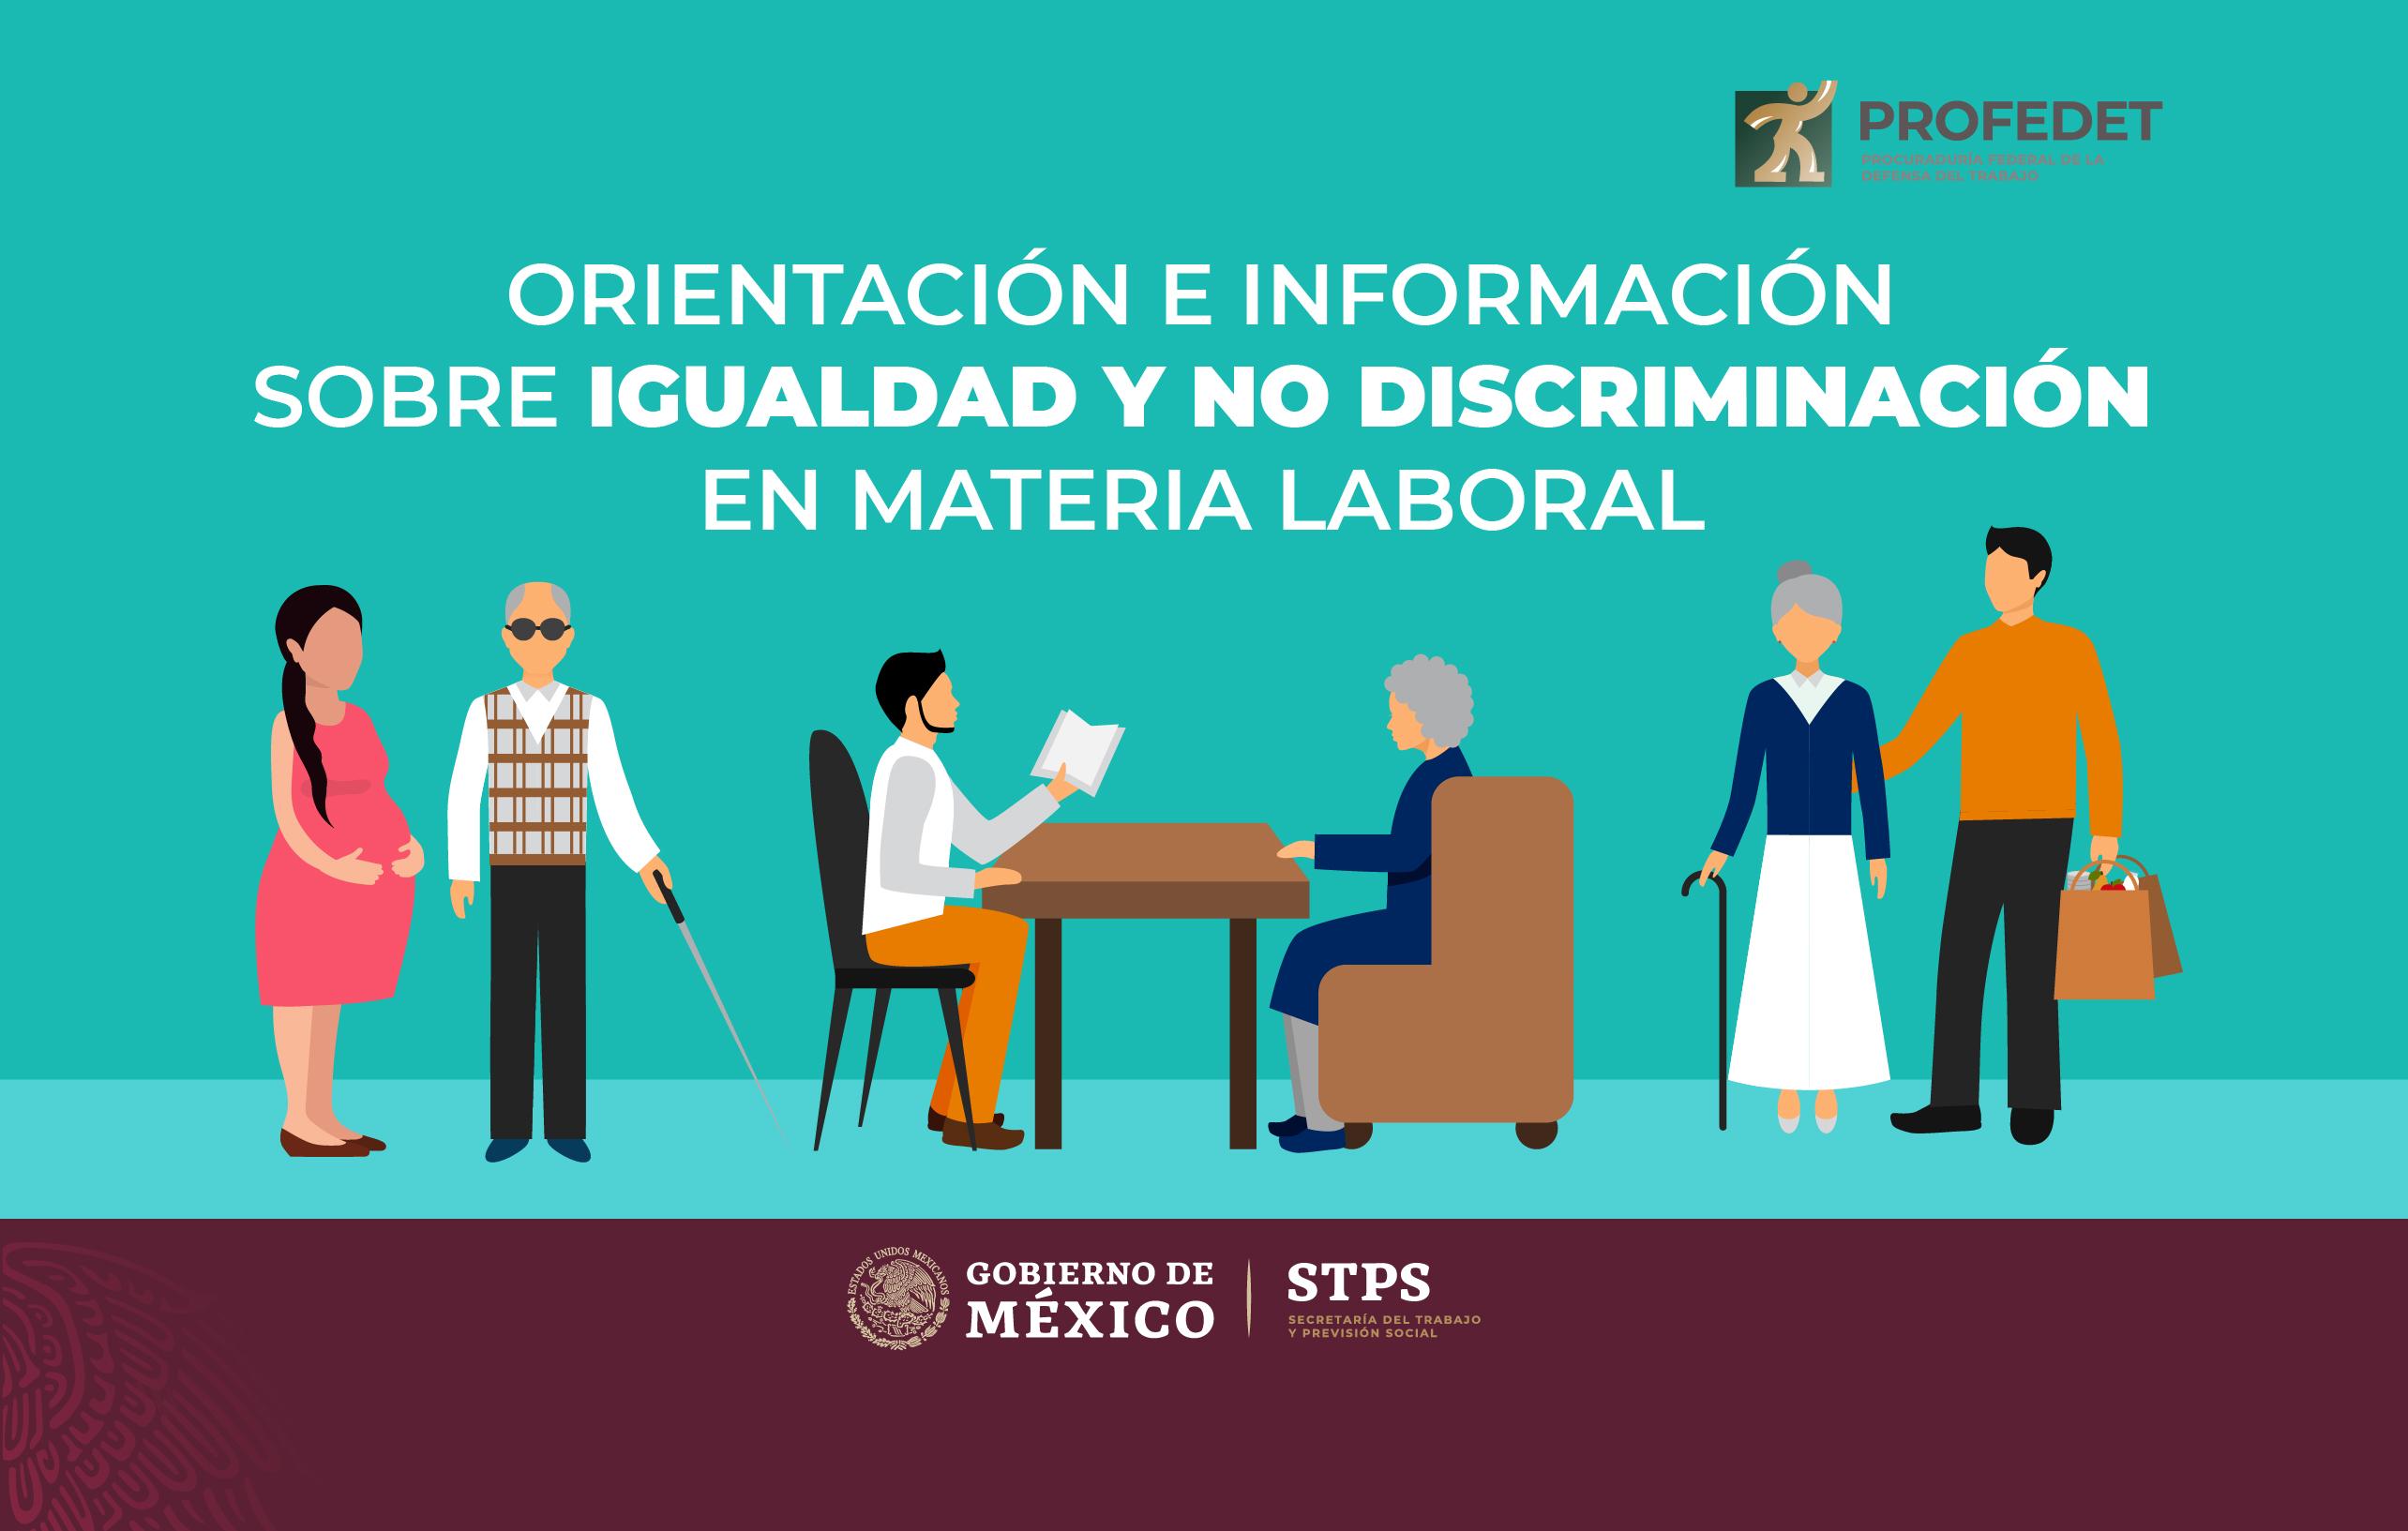 infografía que muestra imágenes de trabajadores de diversos ámbitos representando mujeres embarazadas, personas con discapacidad, adultos mayores y abogado asesorándolos